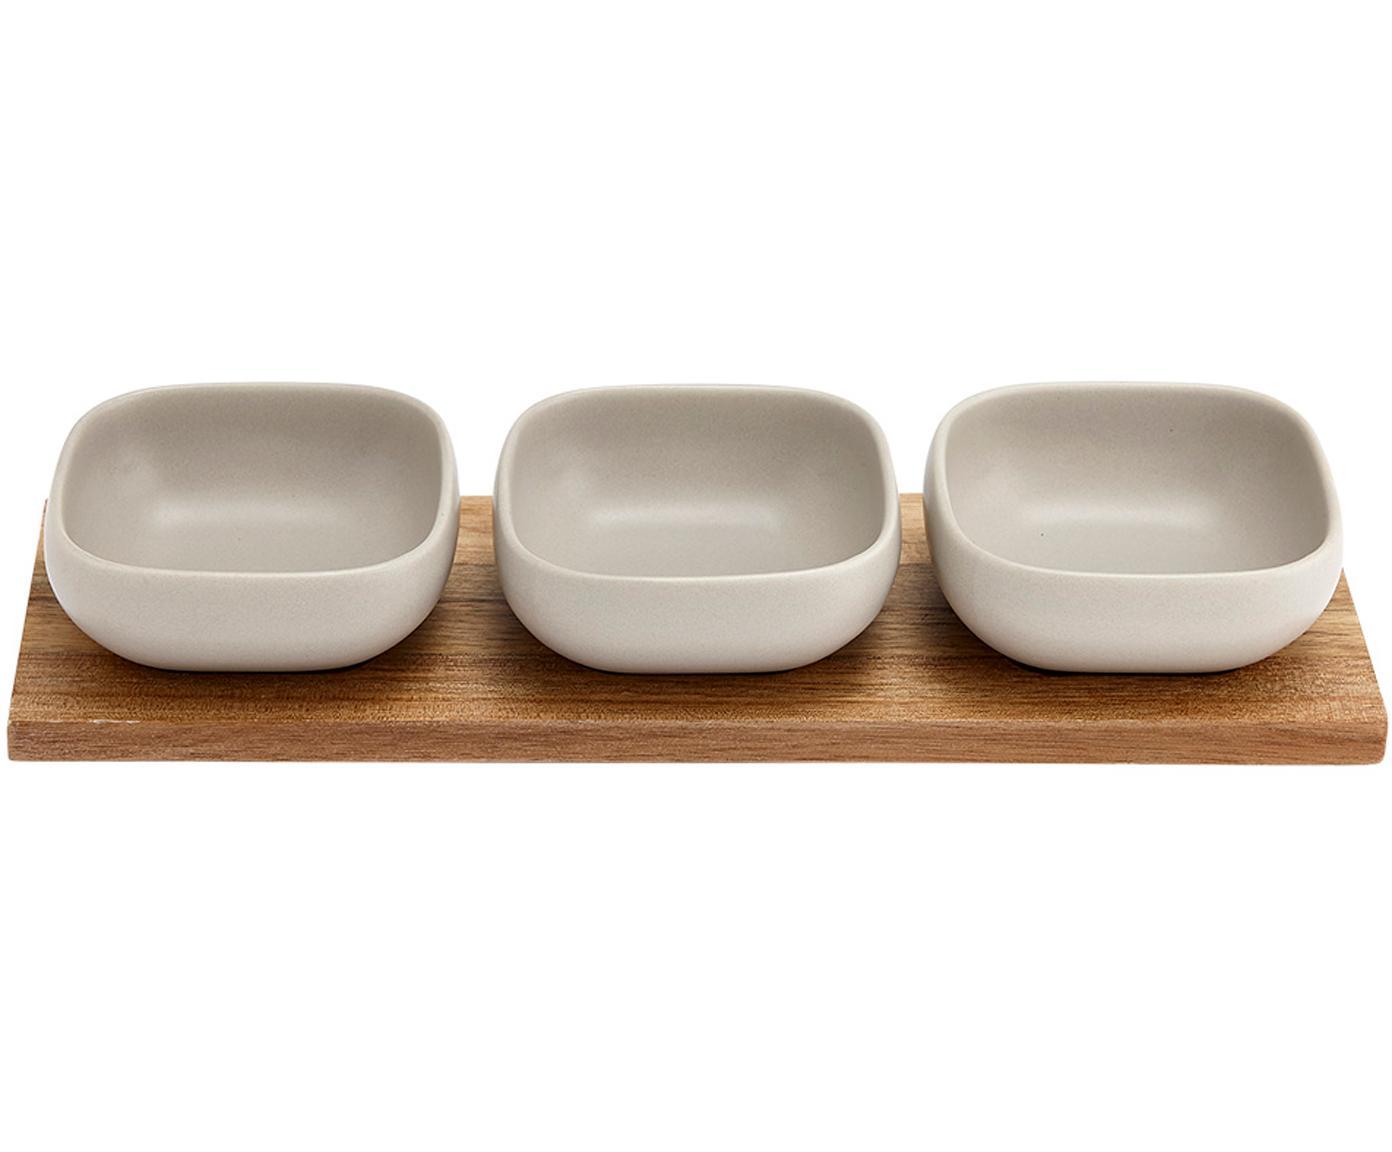 Komplet miseczek  z porcelany i drewna akacjowego Essentials, 4 elem., Porcelana, drewno akacjowe, Beżowy, drewno akacjowe, Różne rozmiary